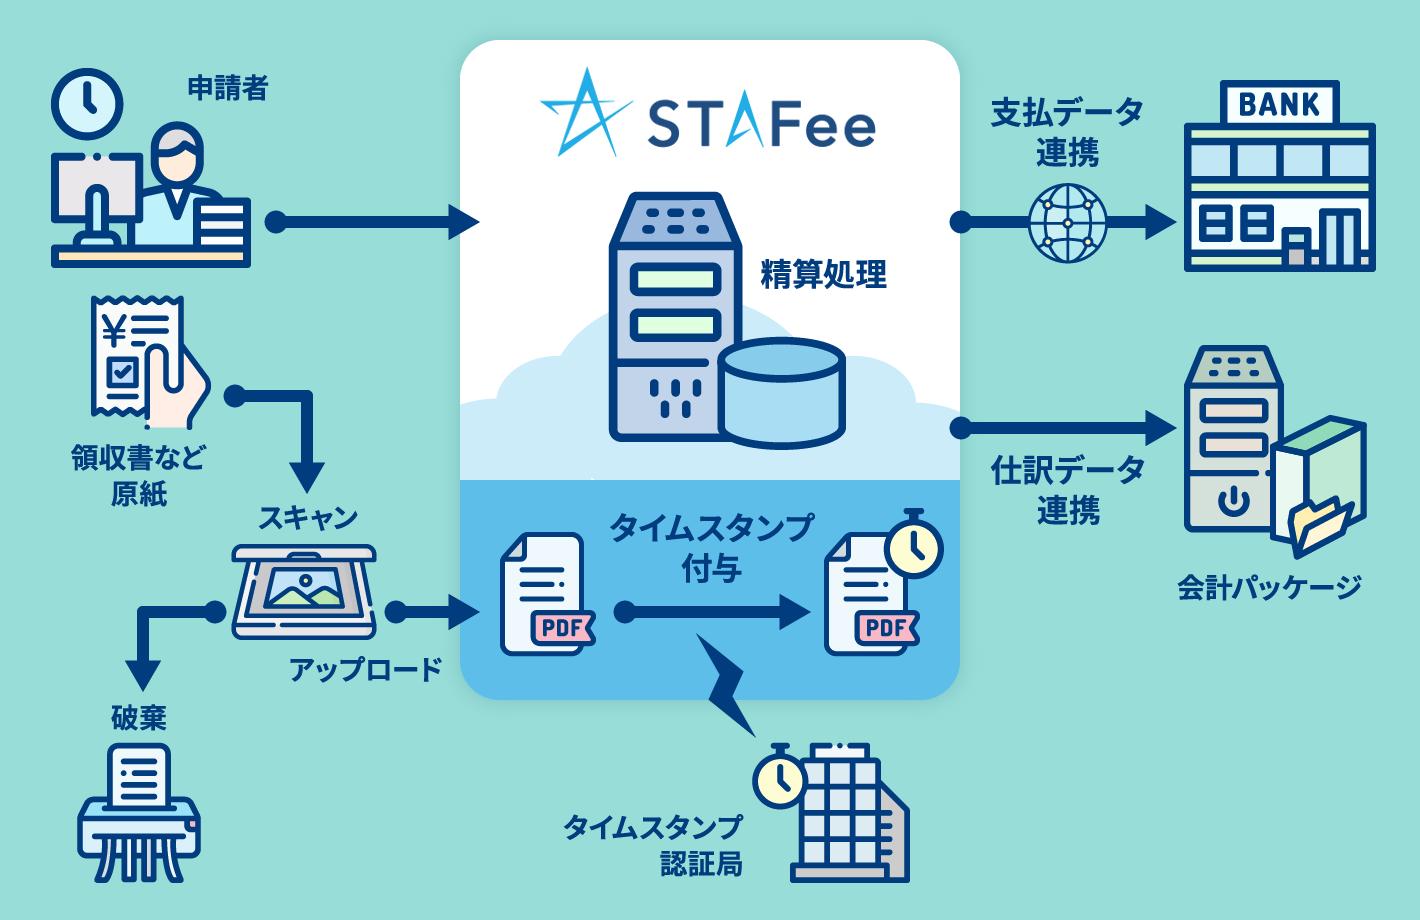 クラウド型の経費精算・申請システム「STAFee」概要